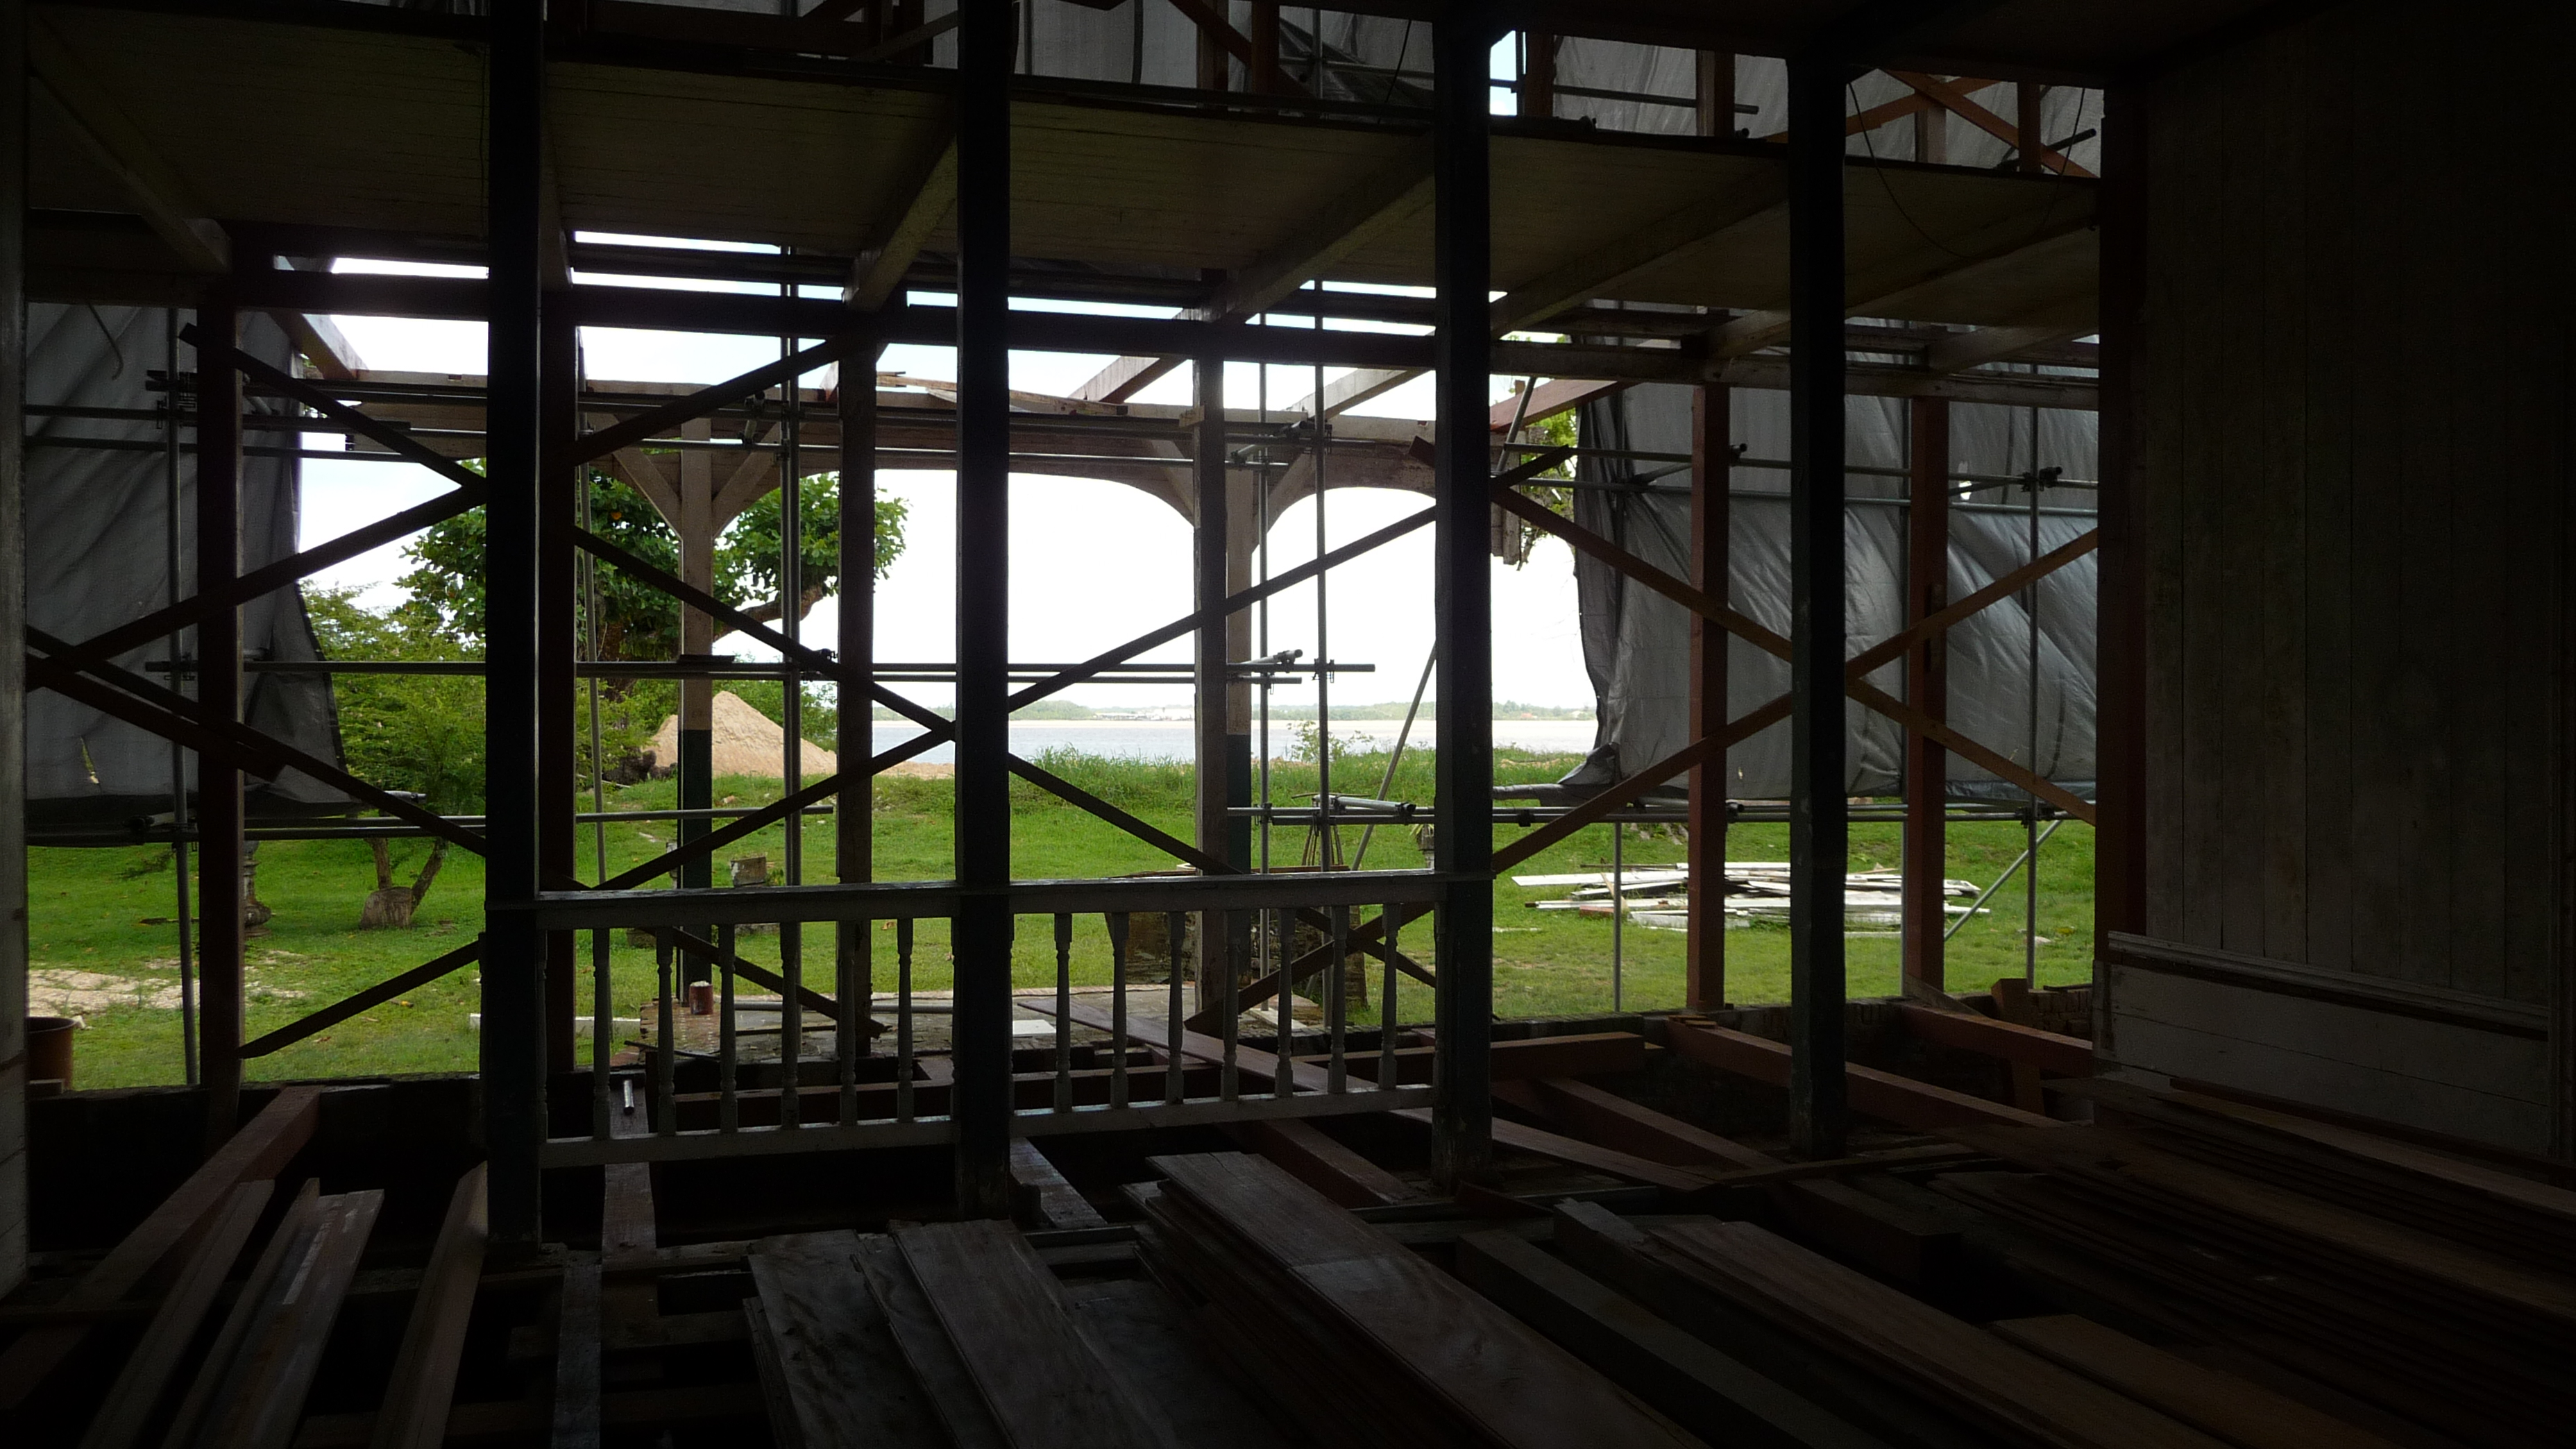 De Surinamerivier stroomt achter het huis